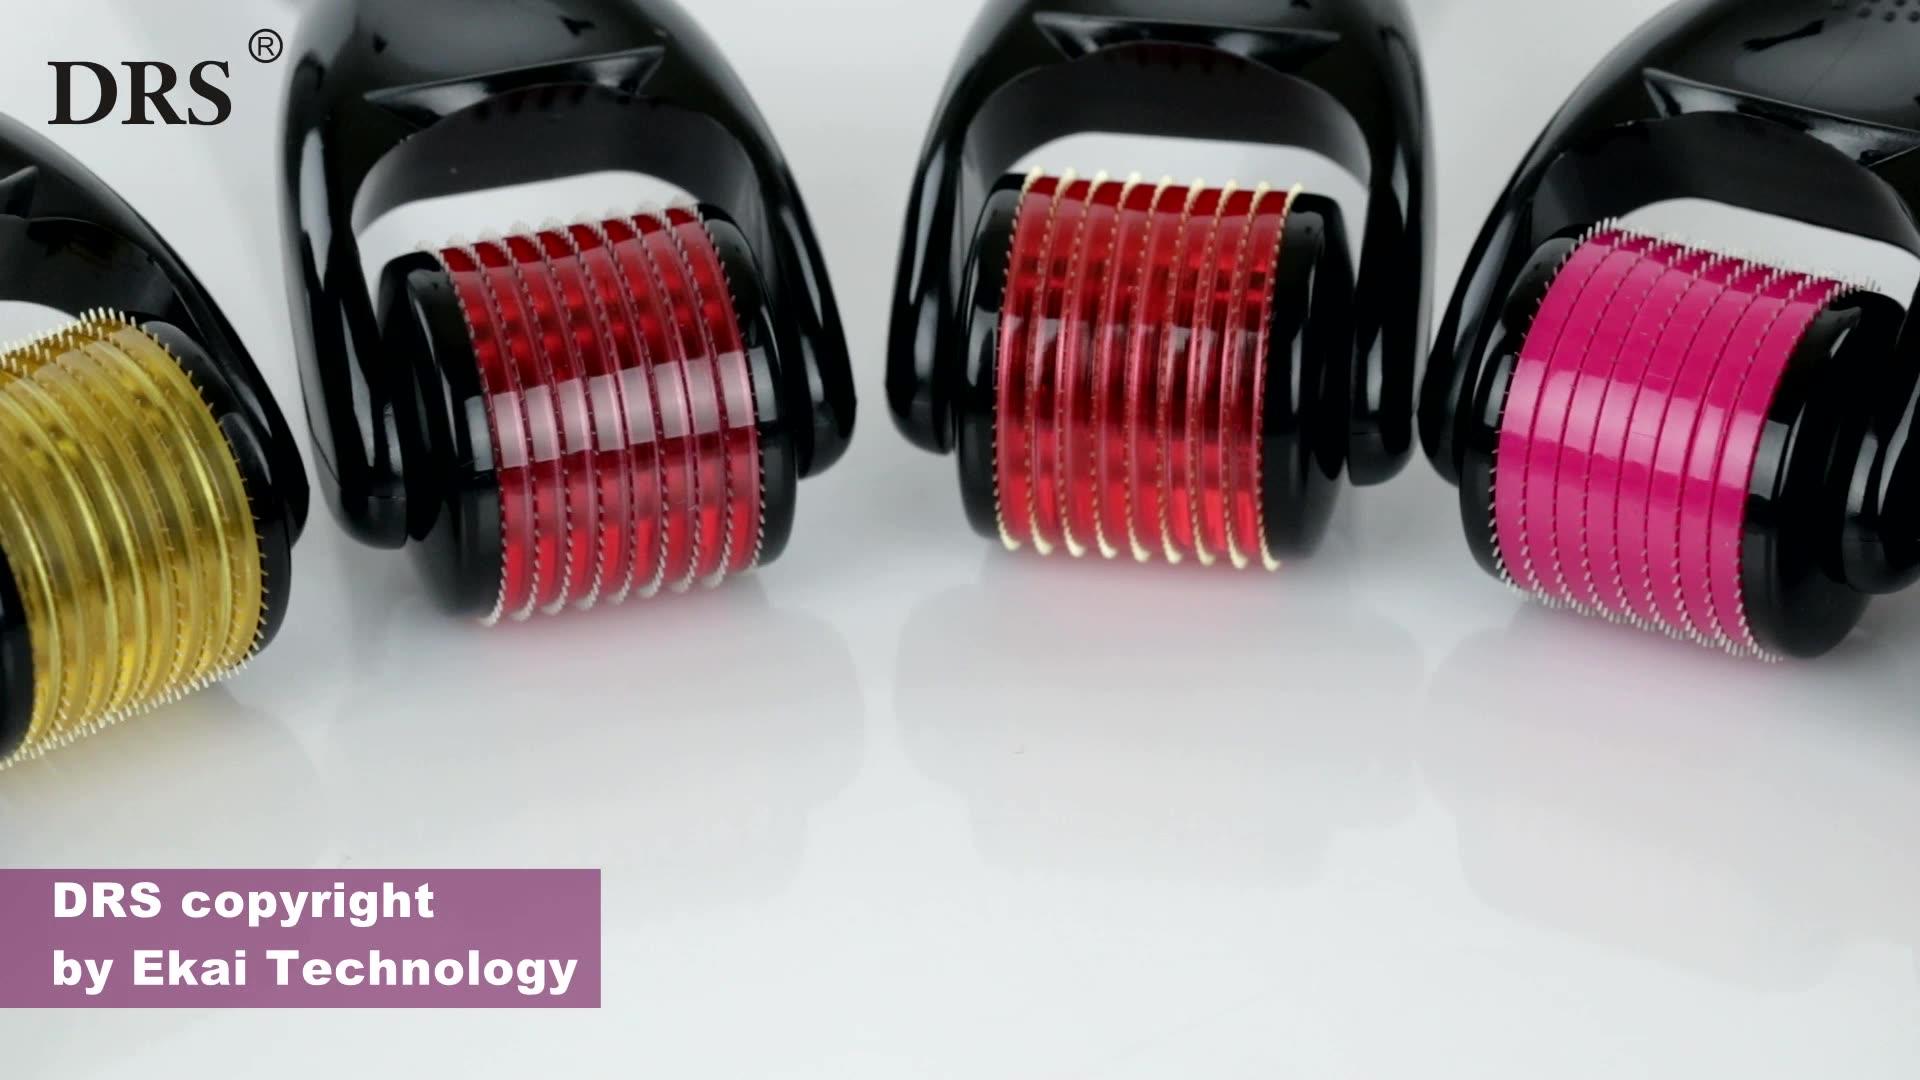 전문 티타늄 Microneedling Derma 롤러 540 스킨 간호 전체 크기 0.2- 3mm 광주 제조업체